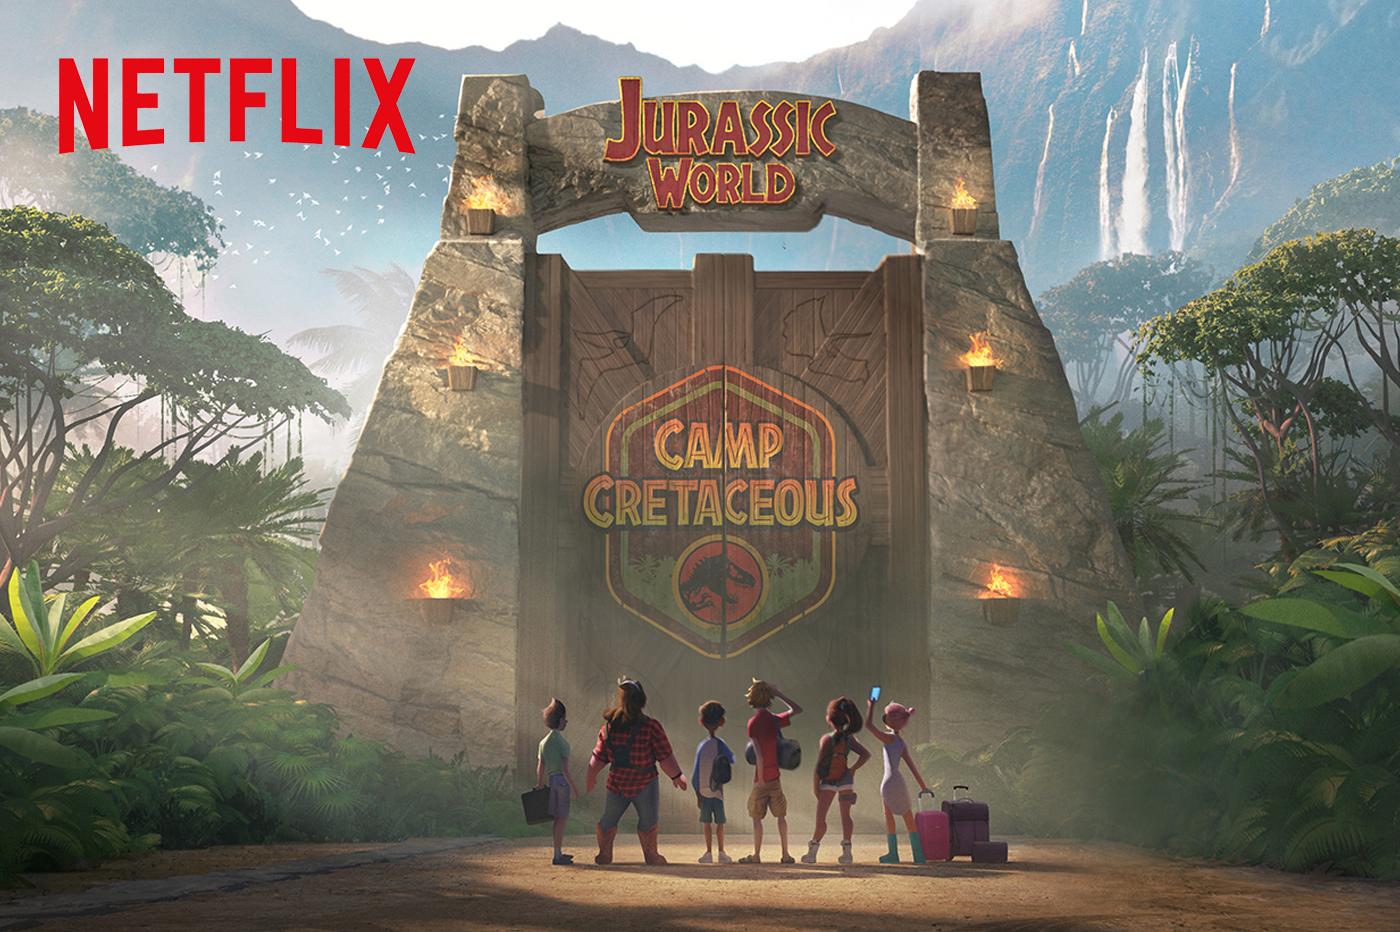 Une série animée sur Netflix pour 2020